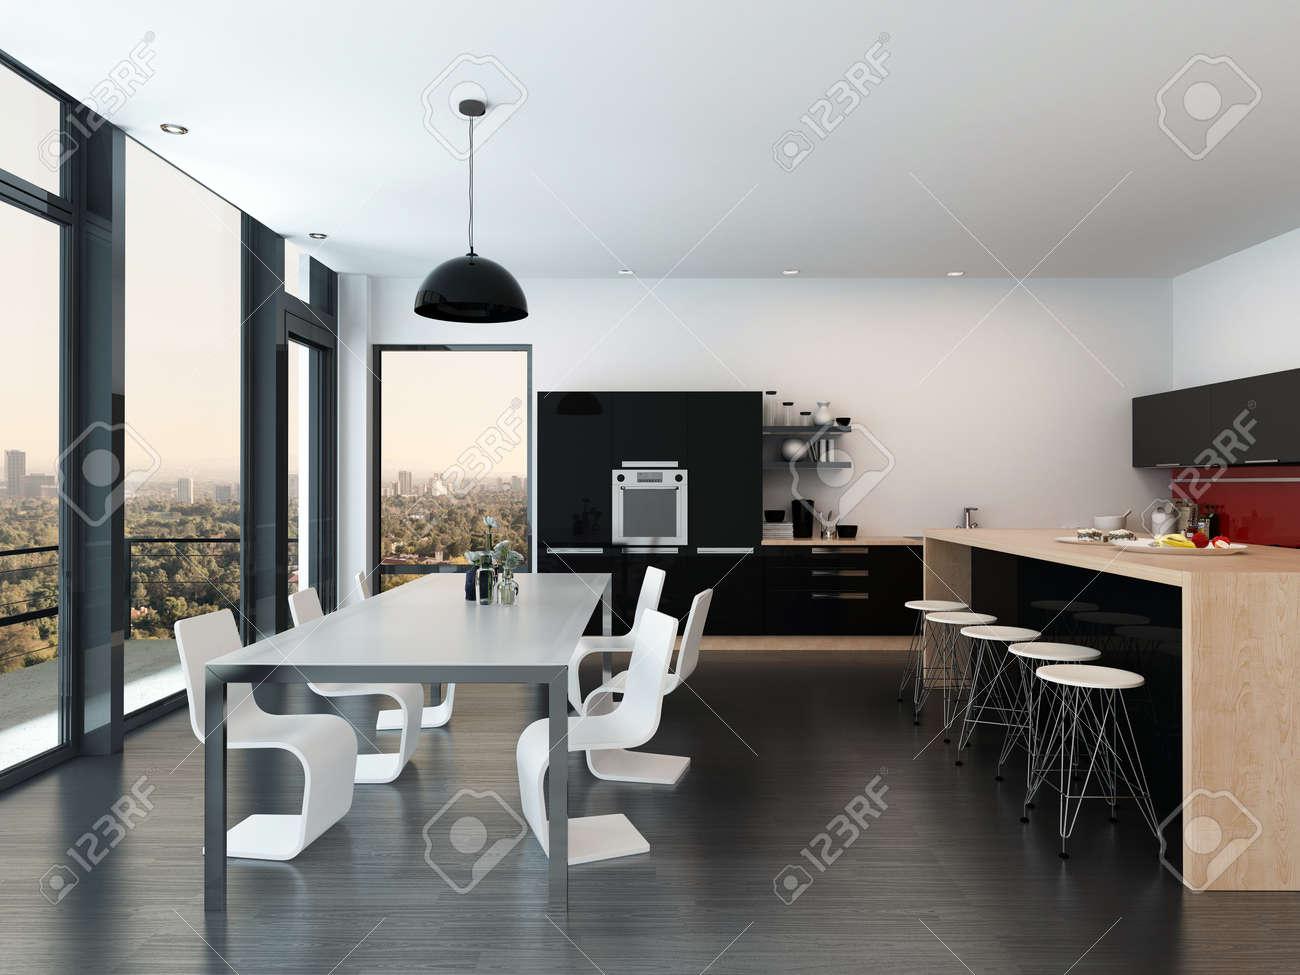 Moderna Cocina De Planta Abierta Y Comedor Decoración Interior Con ...